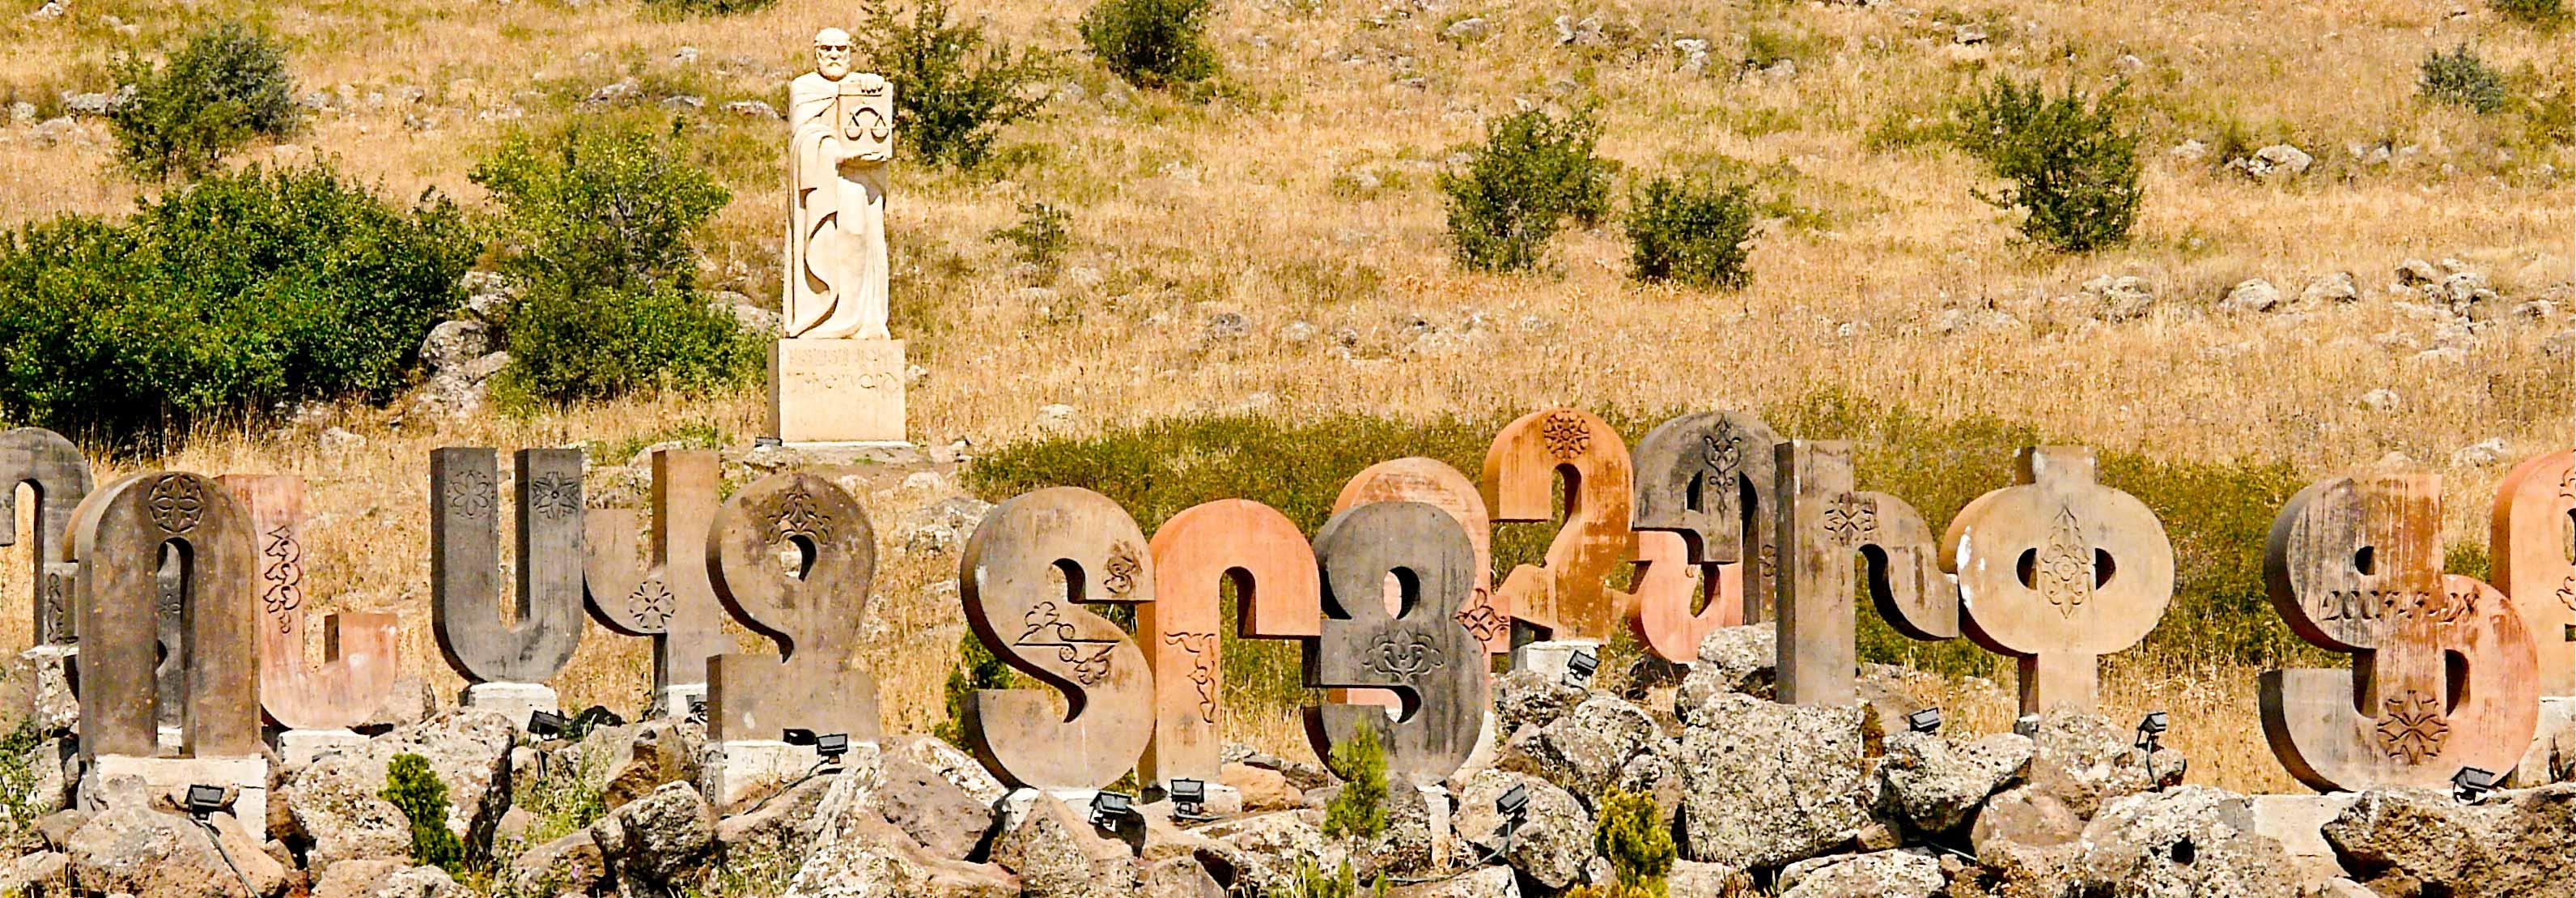 Где находится Армения? Памятник армянскому Алфавиту